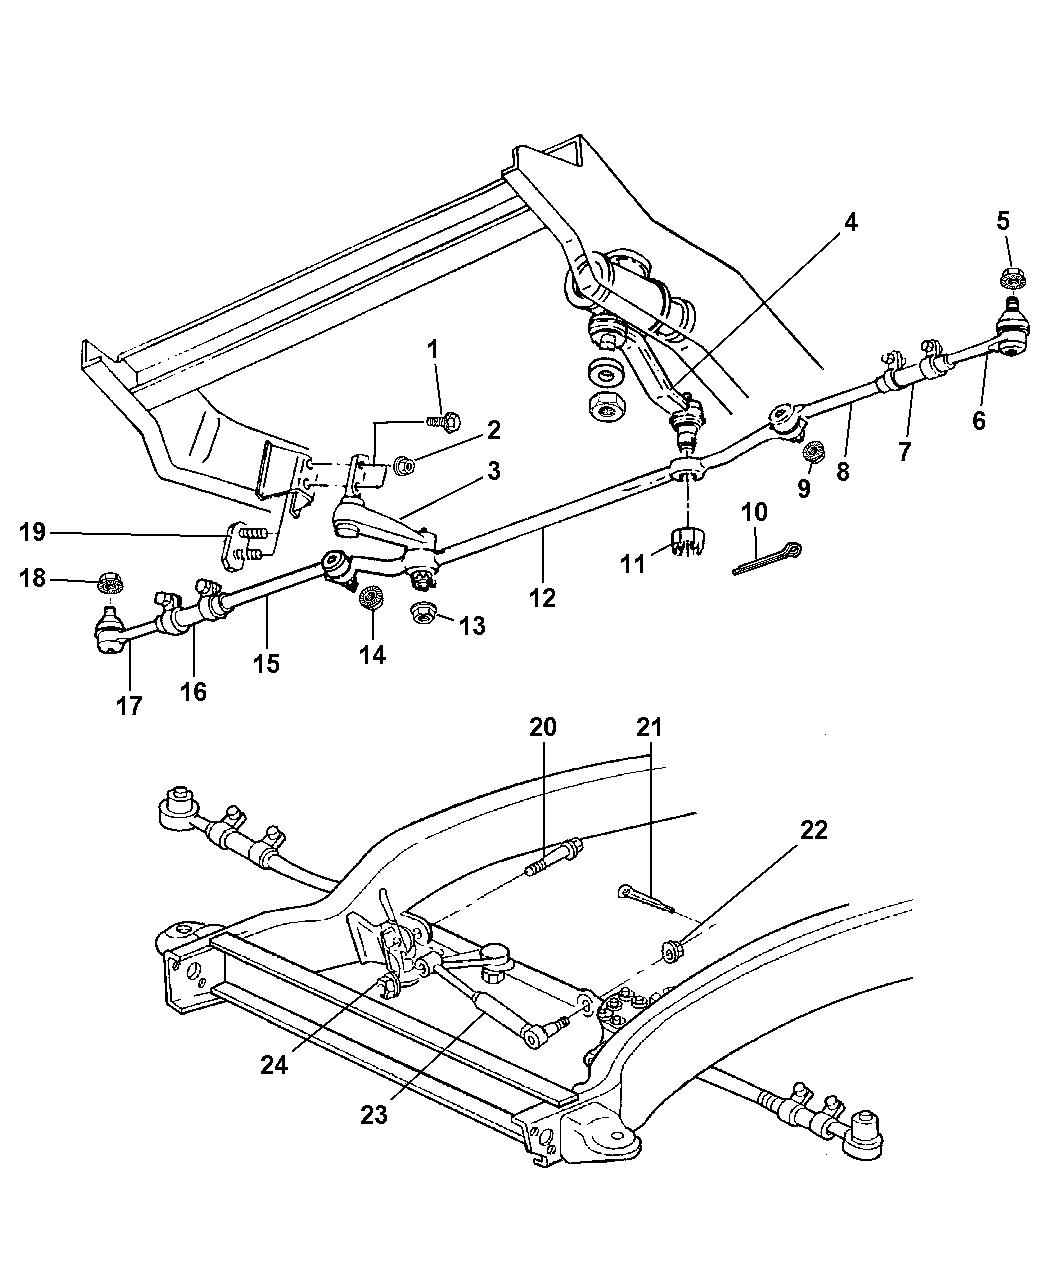 318 Engine Diagram 84 Dodge. Dodge. Auto Wiring Diagram